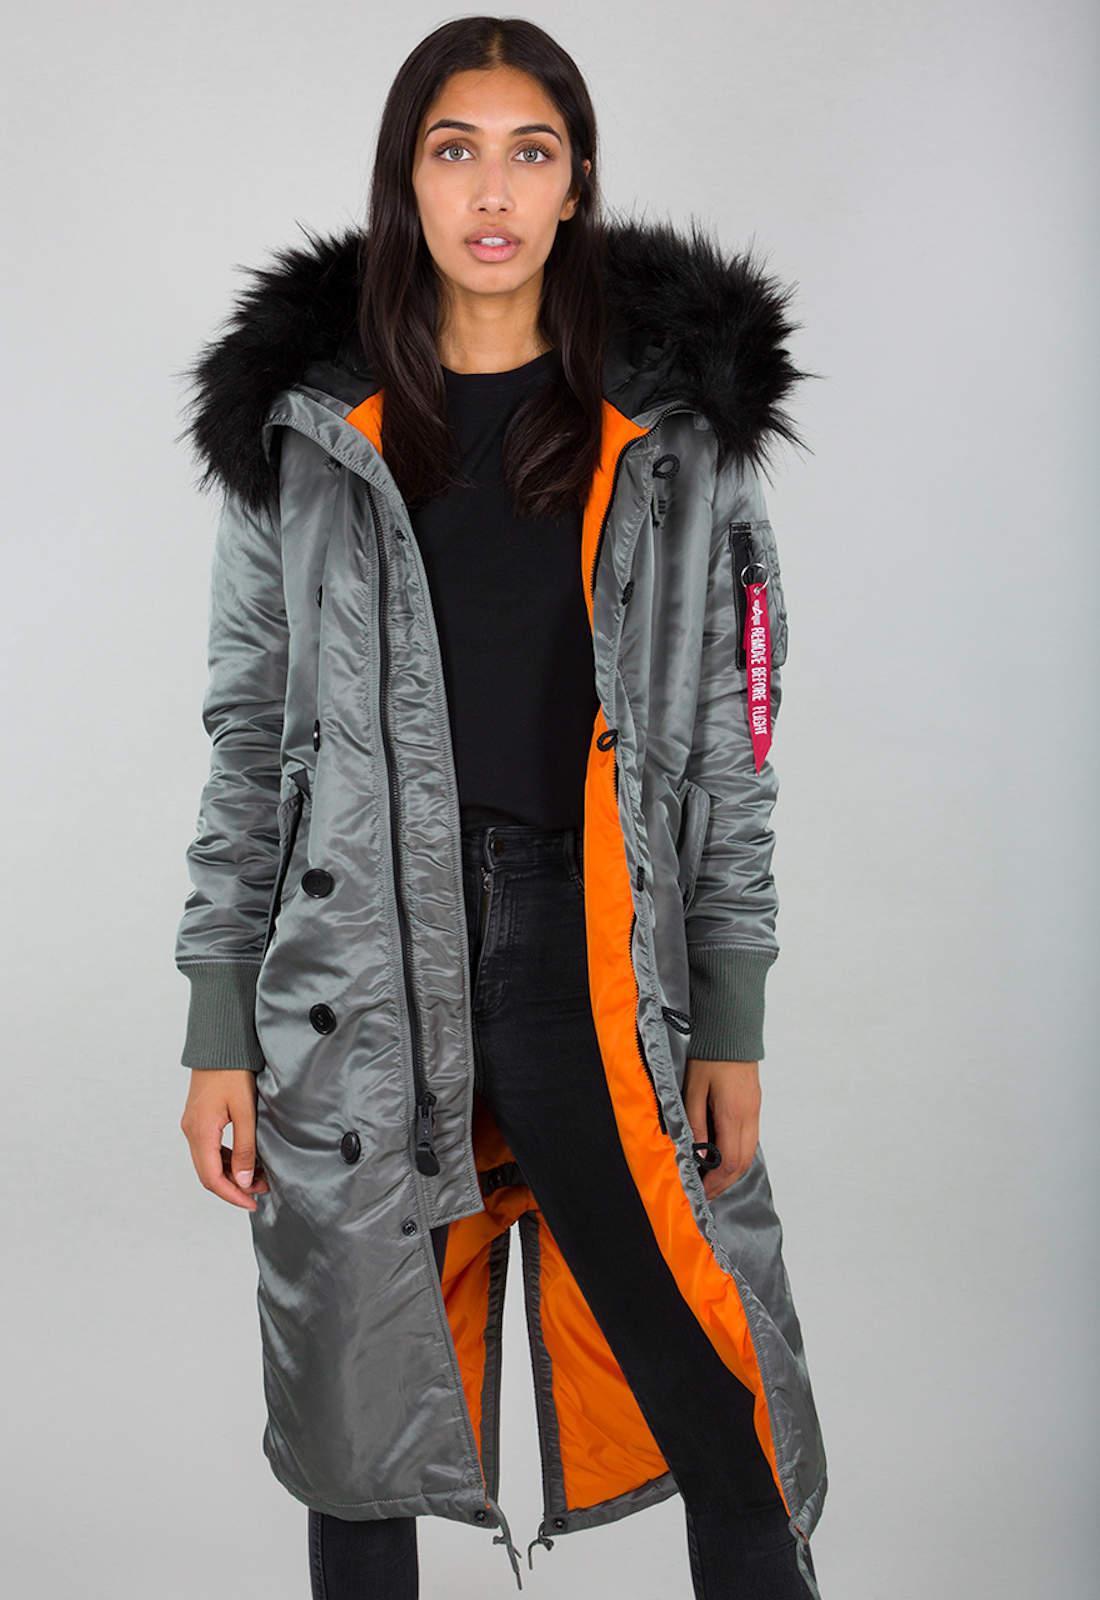 Details Long Industries About Winterjacke Coat Parka Mantel Alpha Fishtail Damen B3fl qVpzSUMG